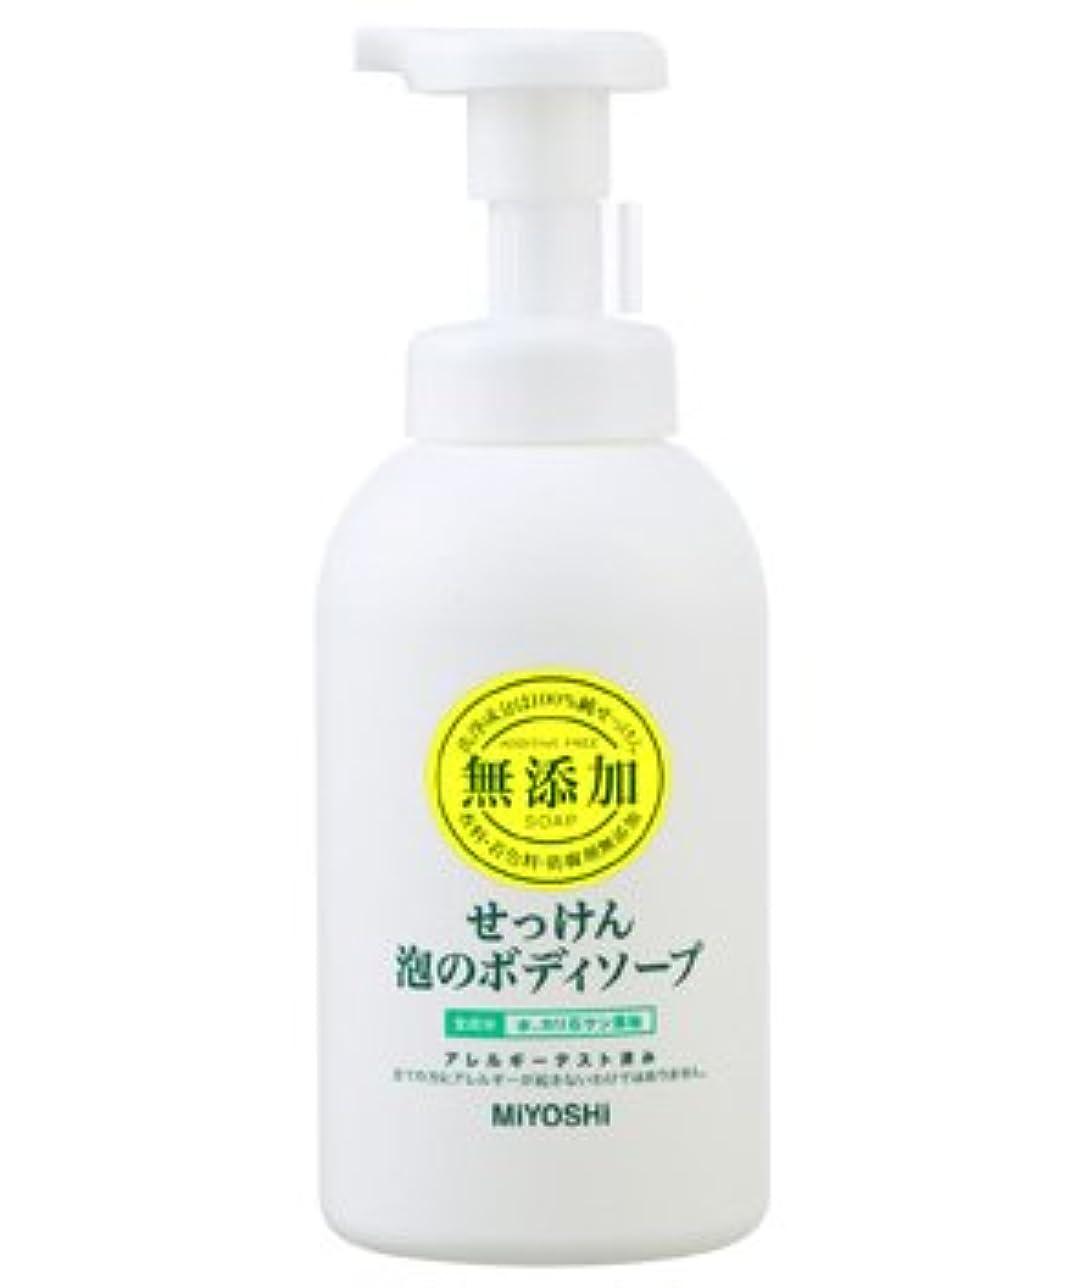 ミヨシ石鹸 無添加 せっけん 泡のボディソープ 500ml(無添加石鹸)×15点セット (4537130101544)